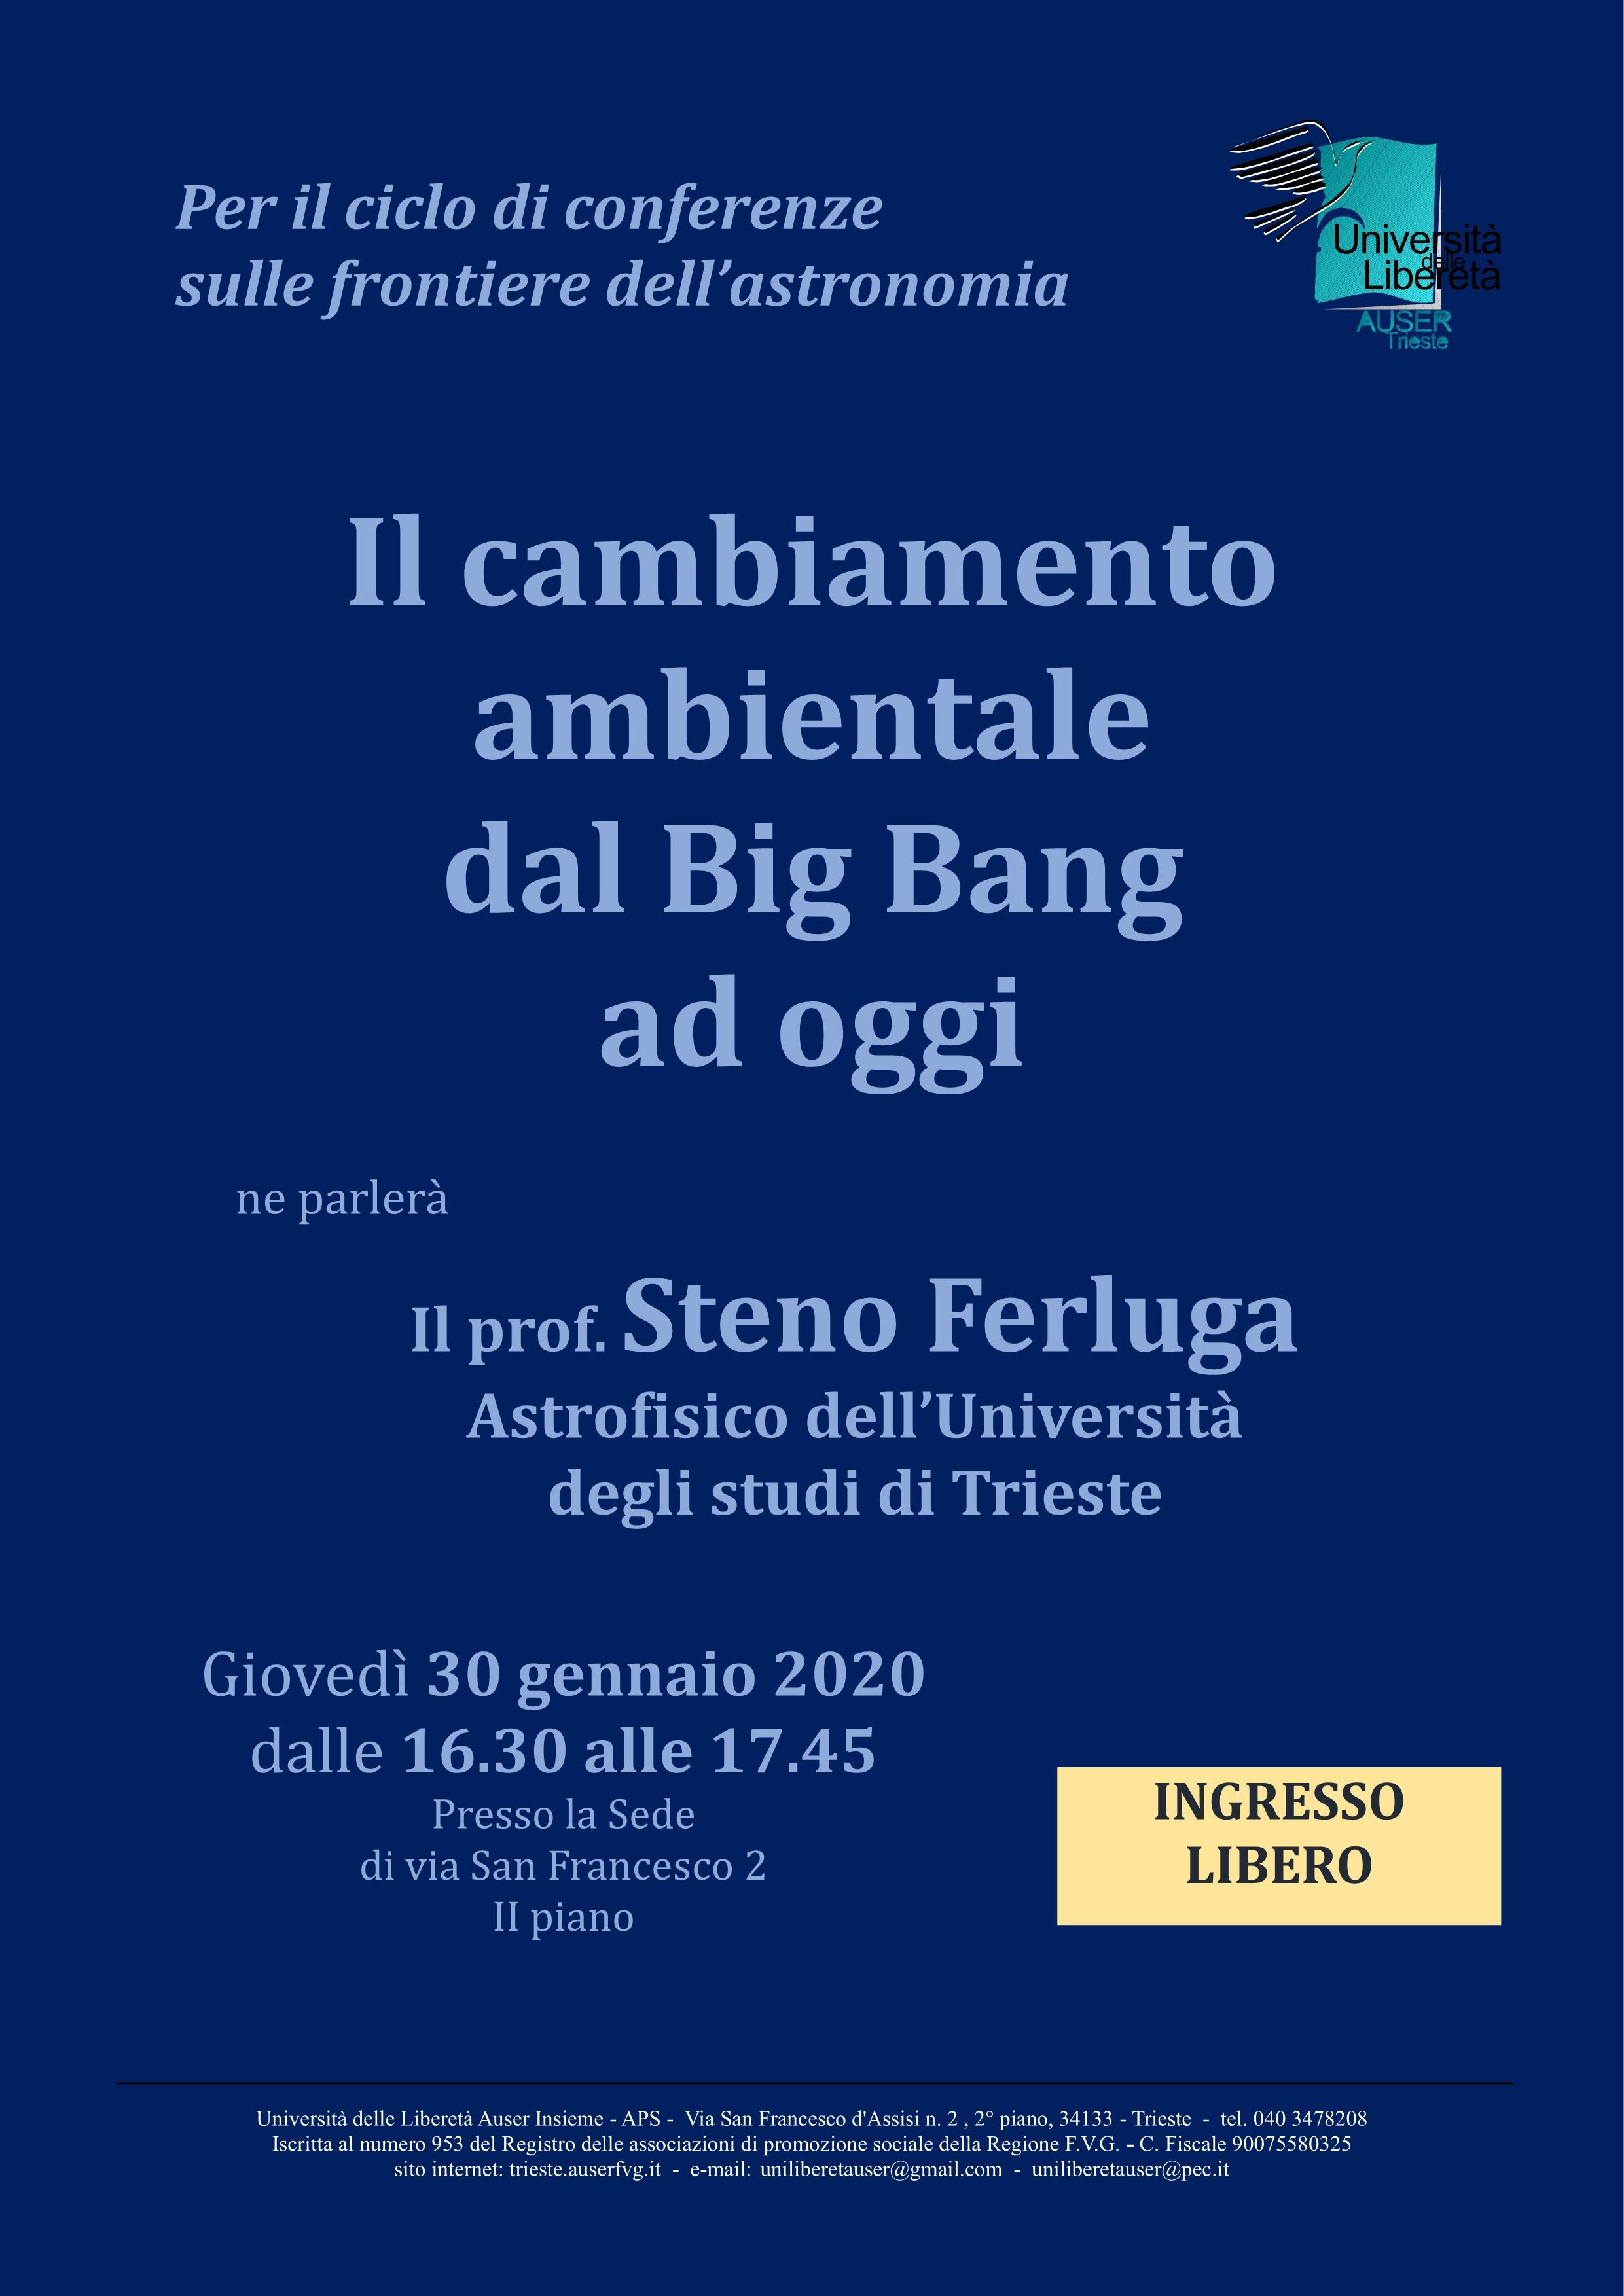 Il cambiamento ambientale dal Big Bang ad oggi Ferluga1